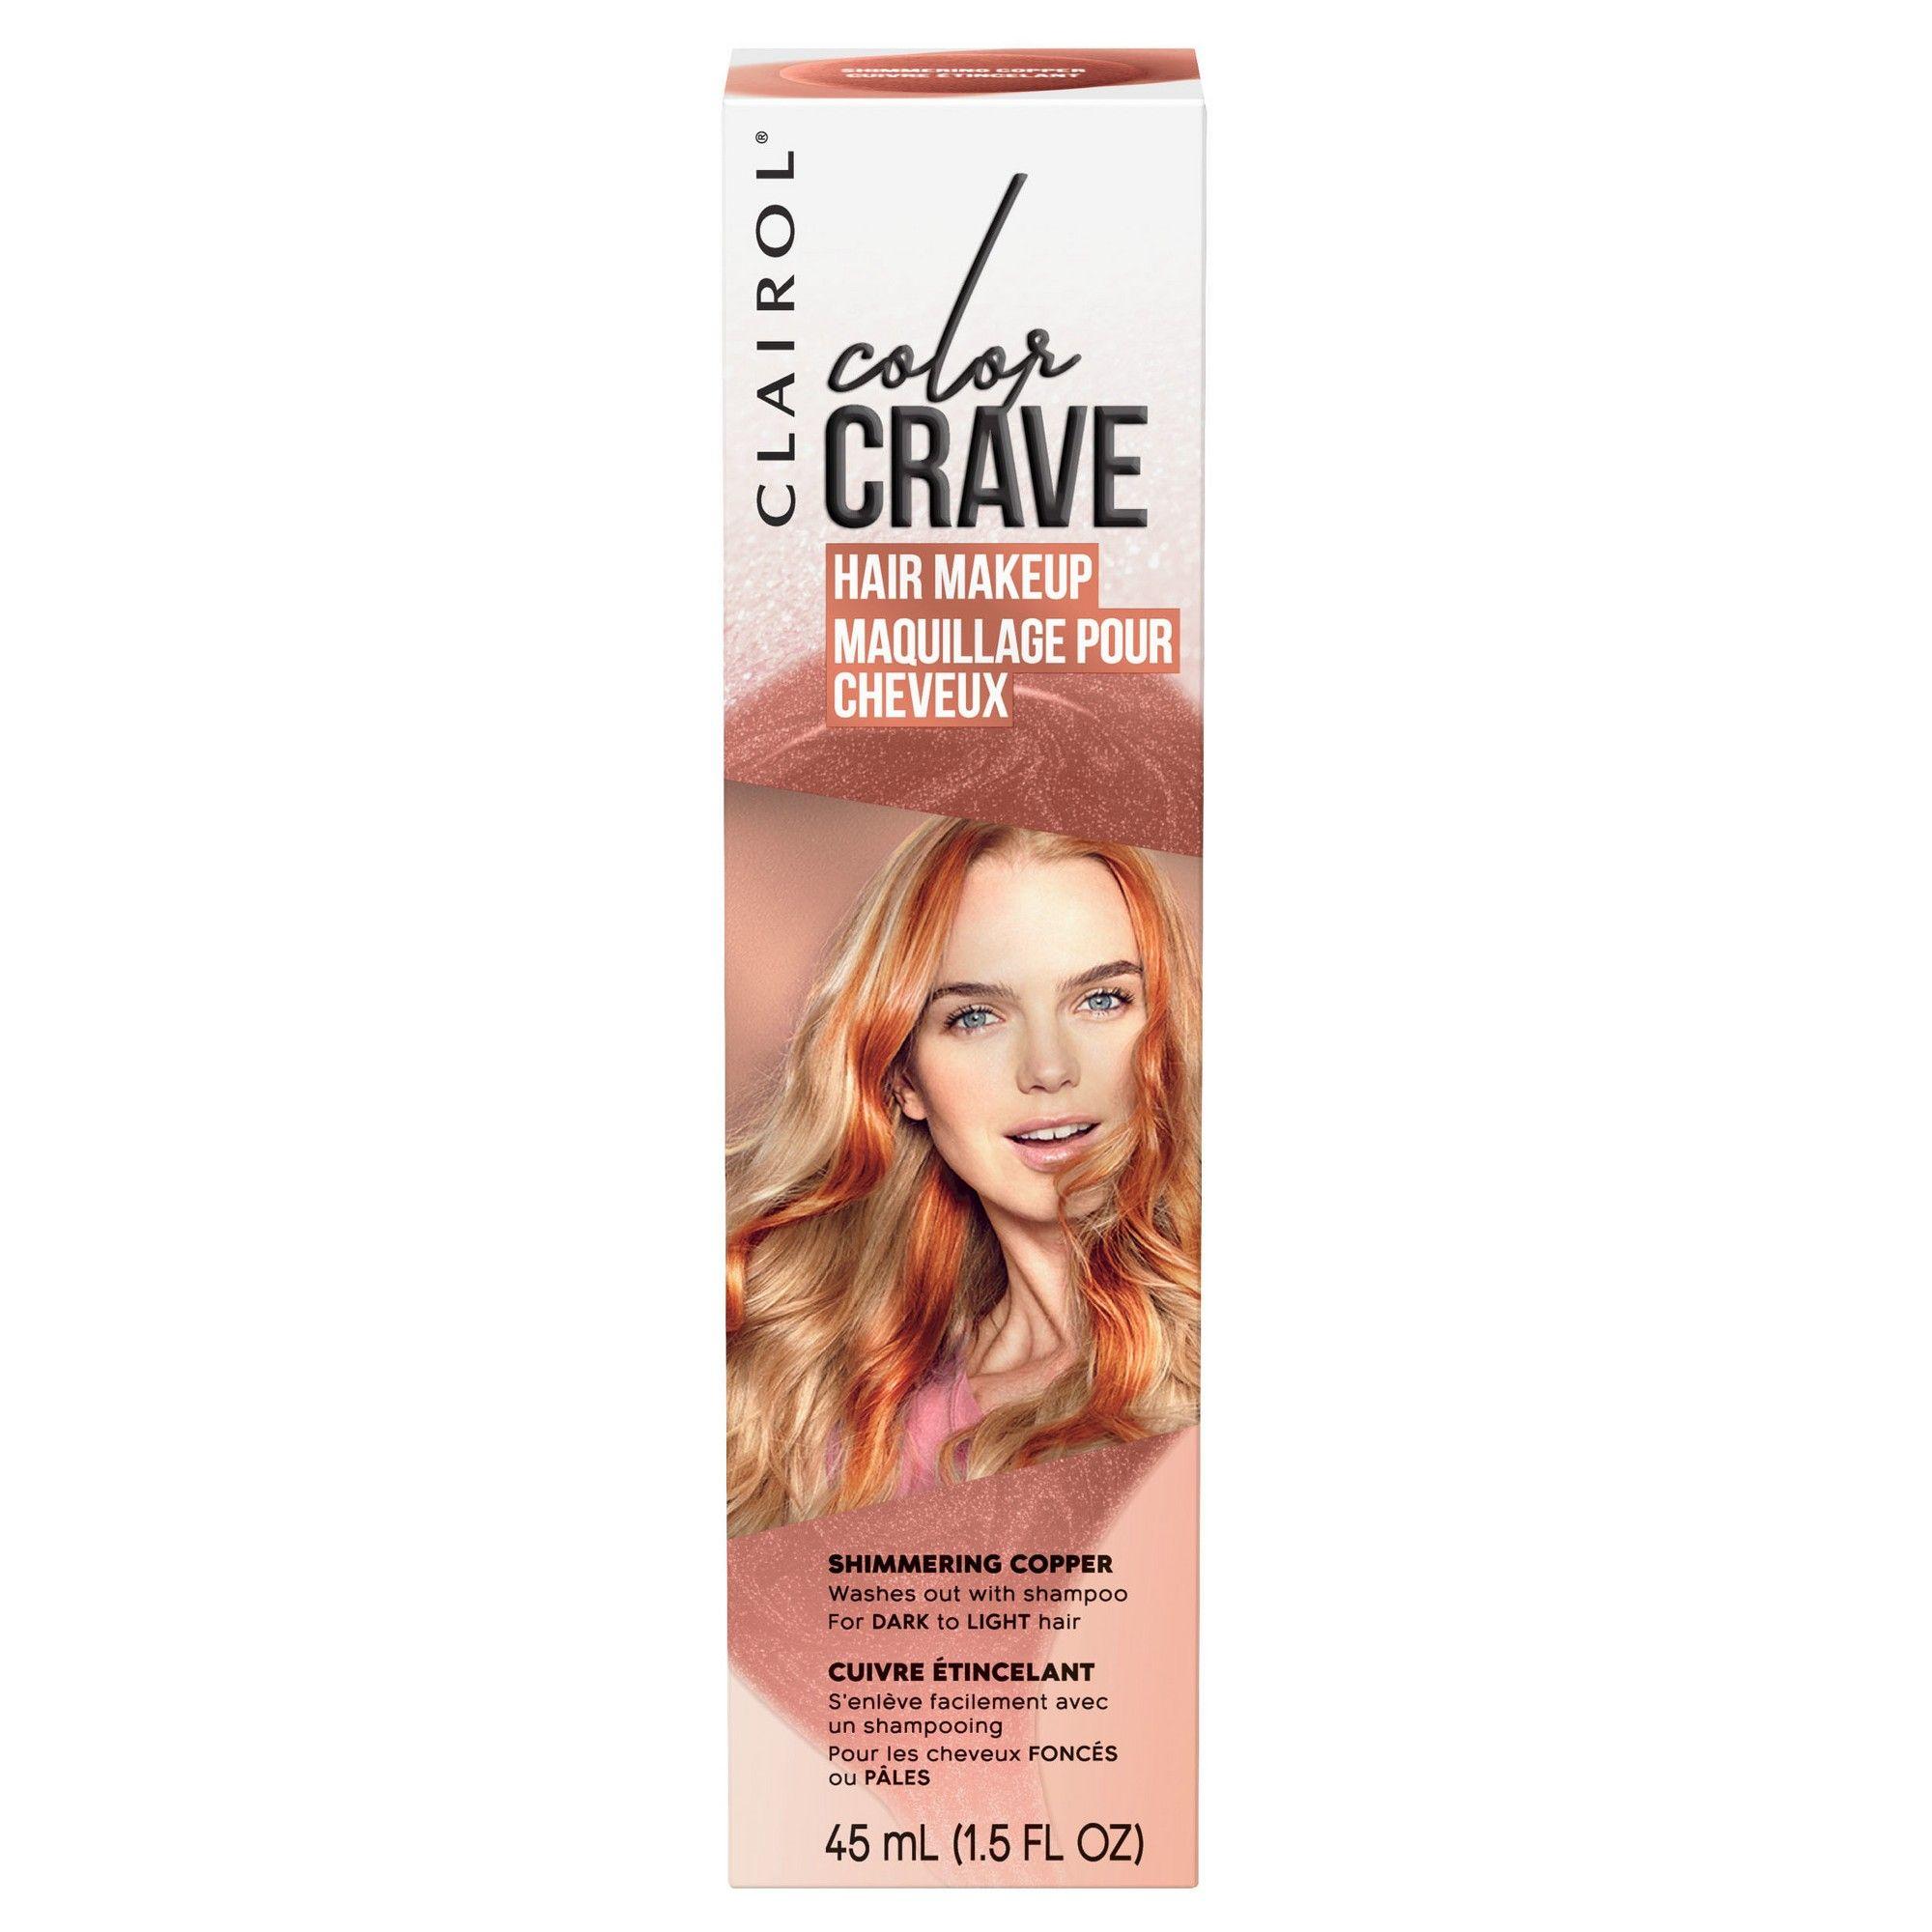 Clairol Color Crave Hair Makeup Copper (Brown) 1.52 fl oz